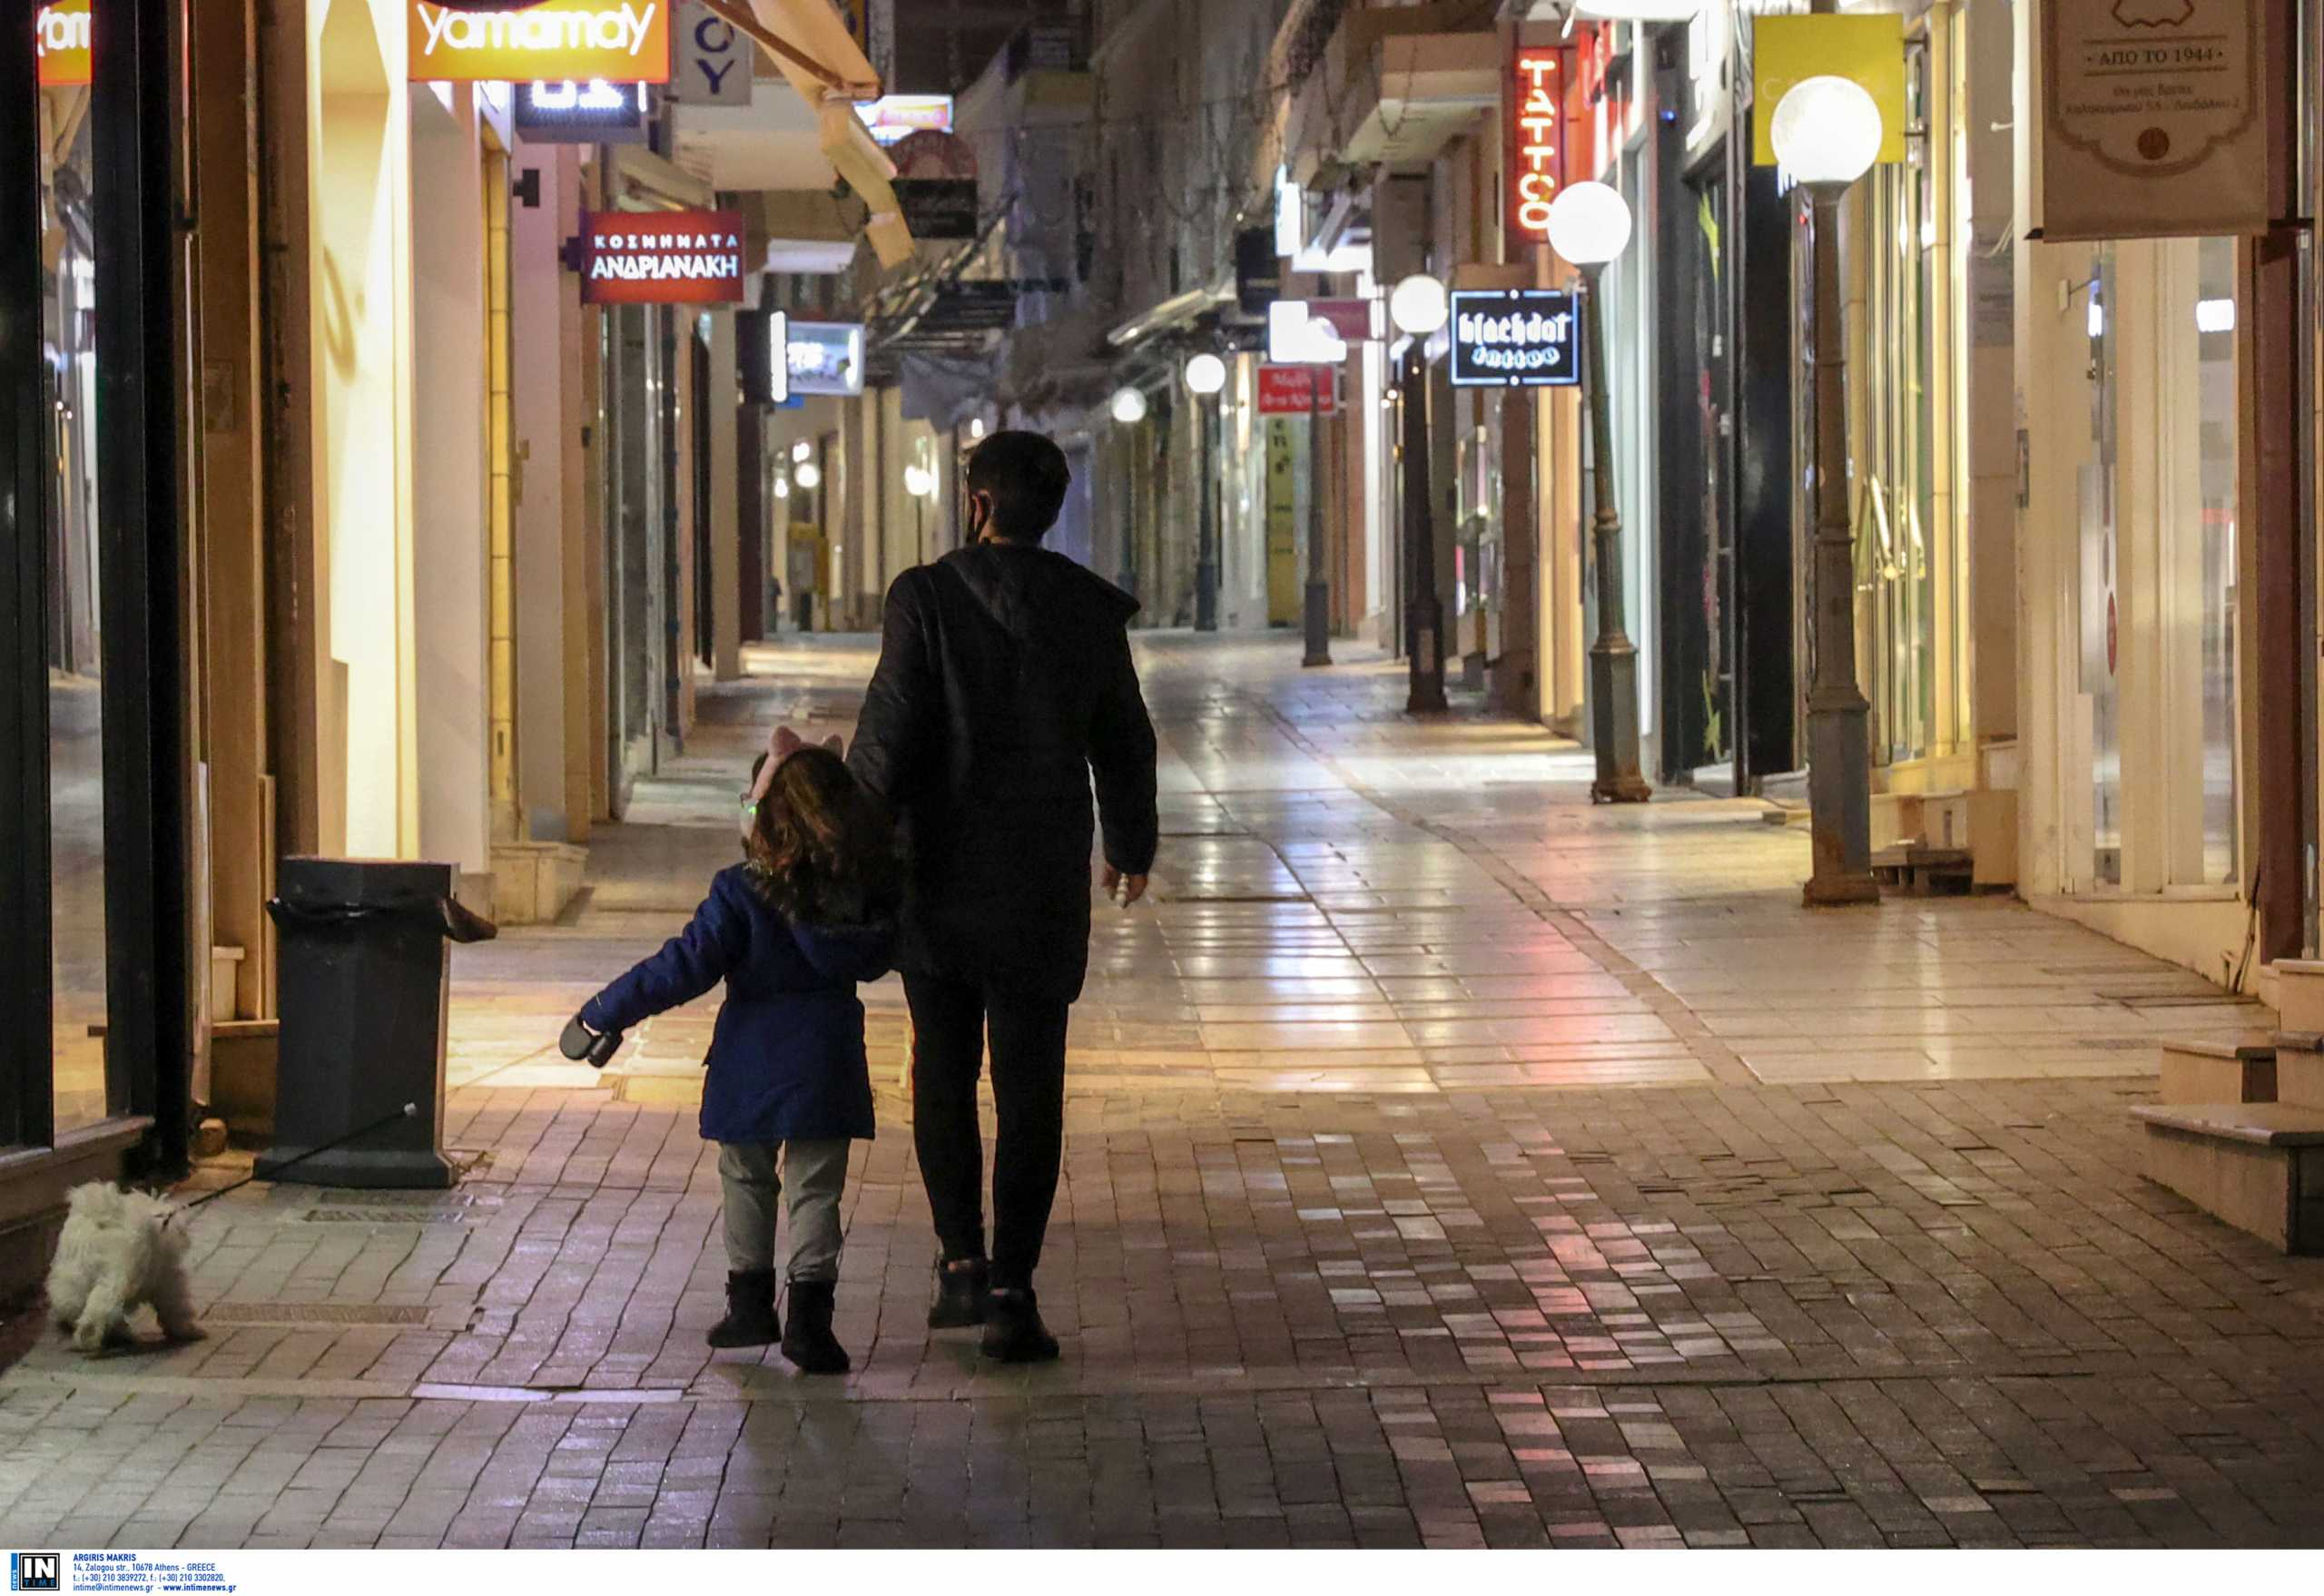 Σαρηγιάννης: «Είναι νωρίς για άνοιγμα του lockdown» – Πάνω από το 5 η θετικότητα